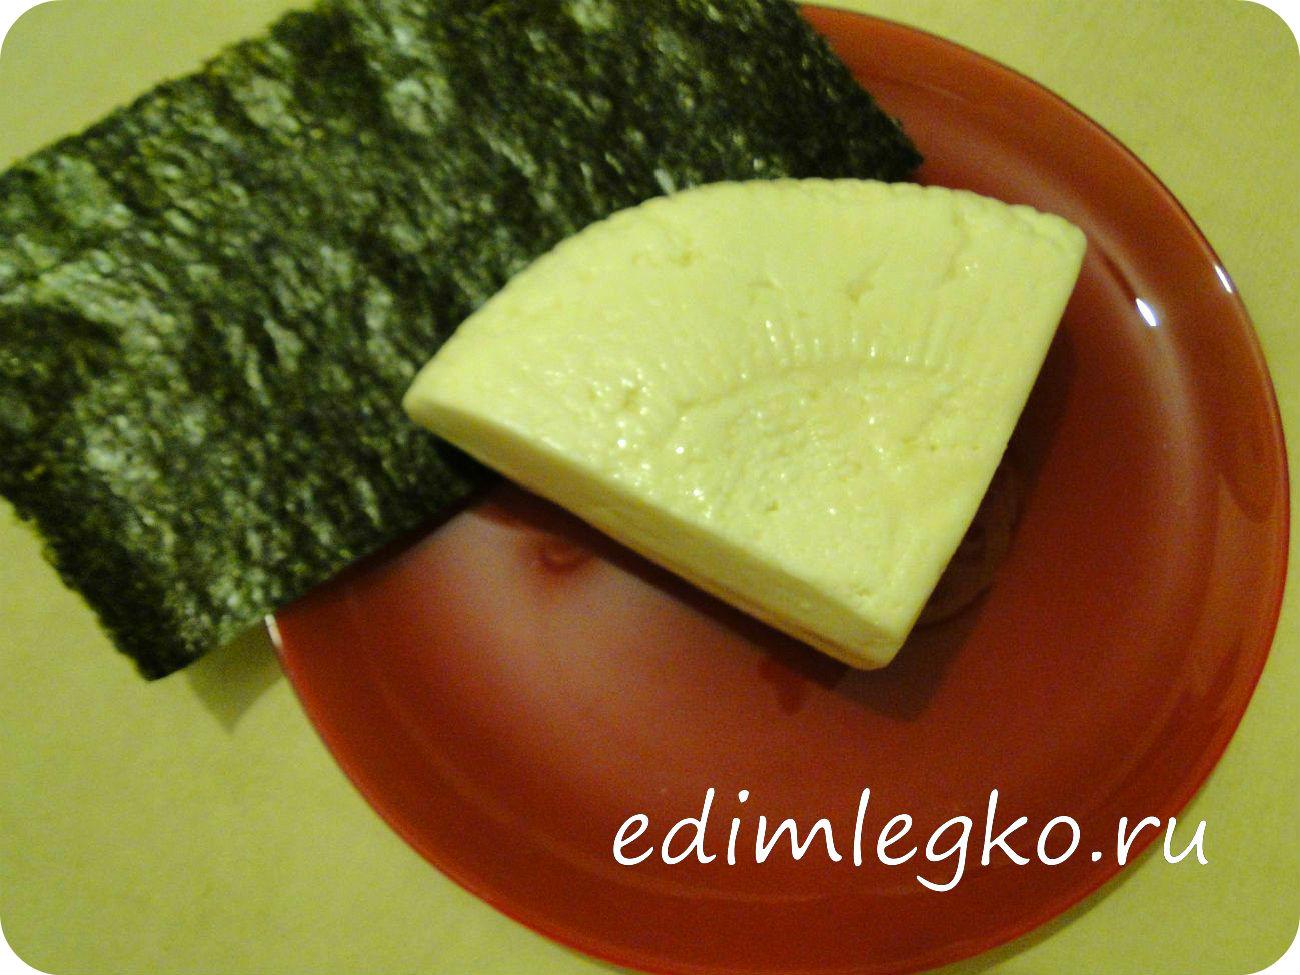 Что приготовить из адыгейского сыра рецепт пошагово